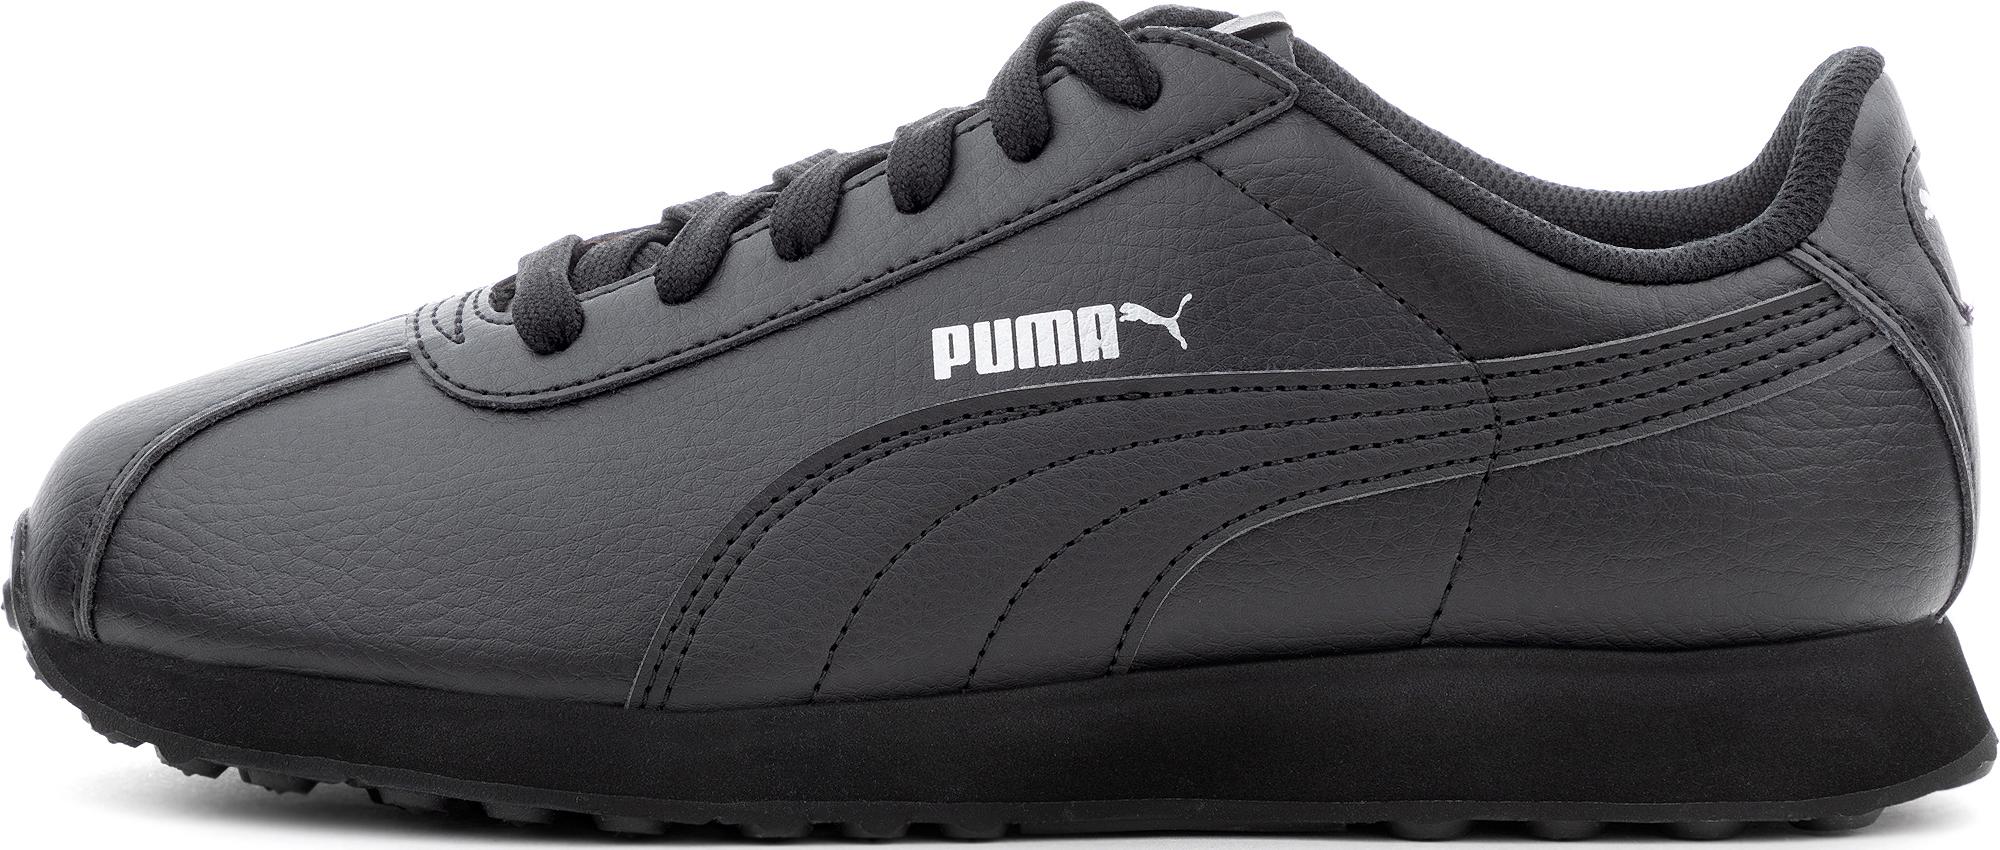 Puma Кроссовки детские Turin Jr, размер 38